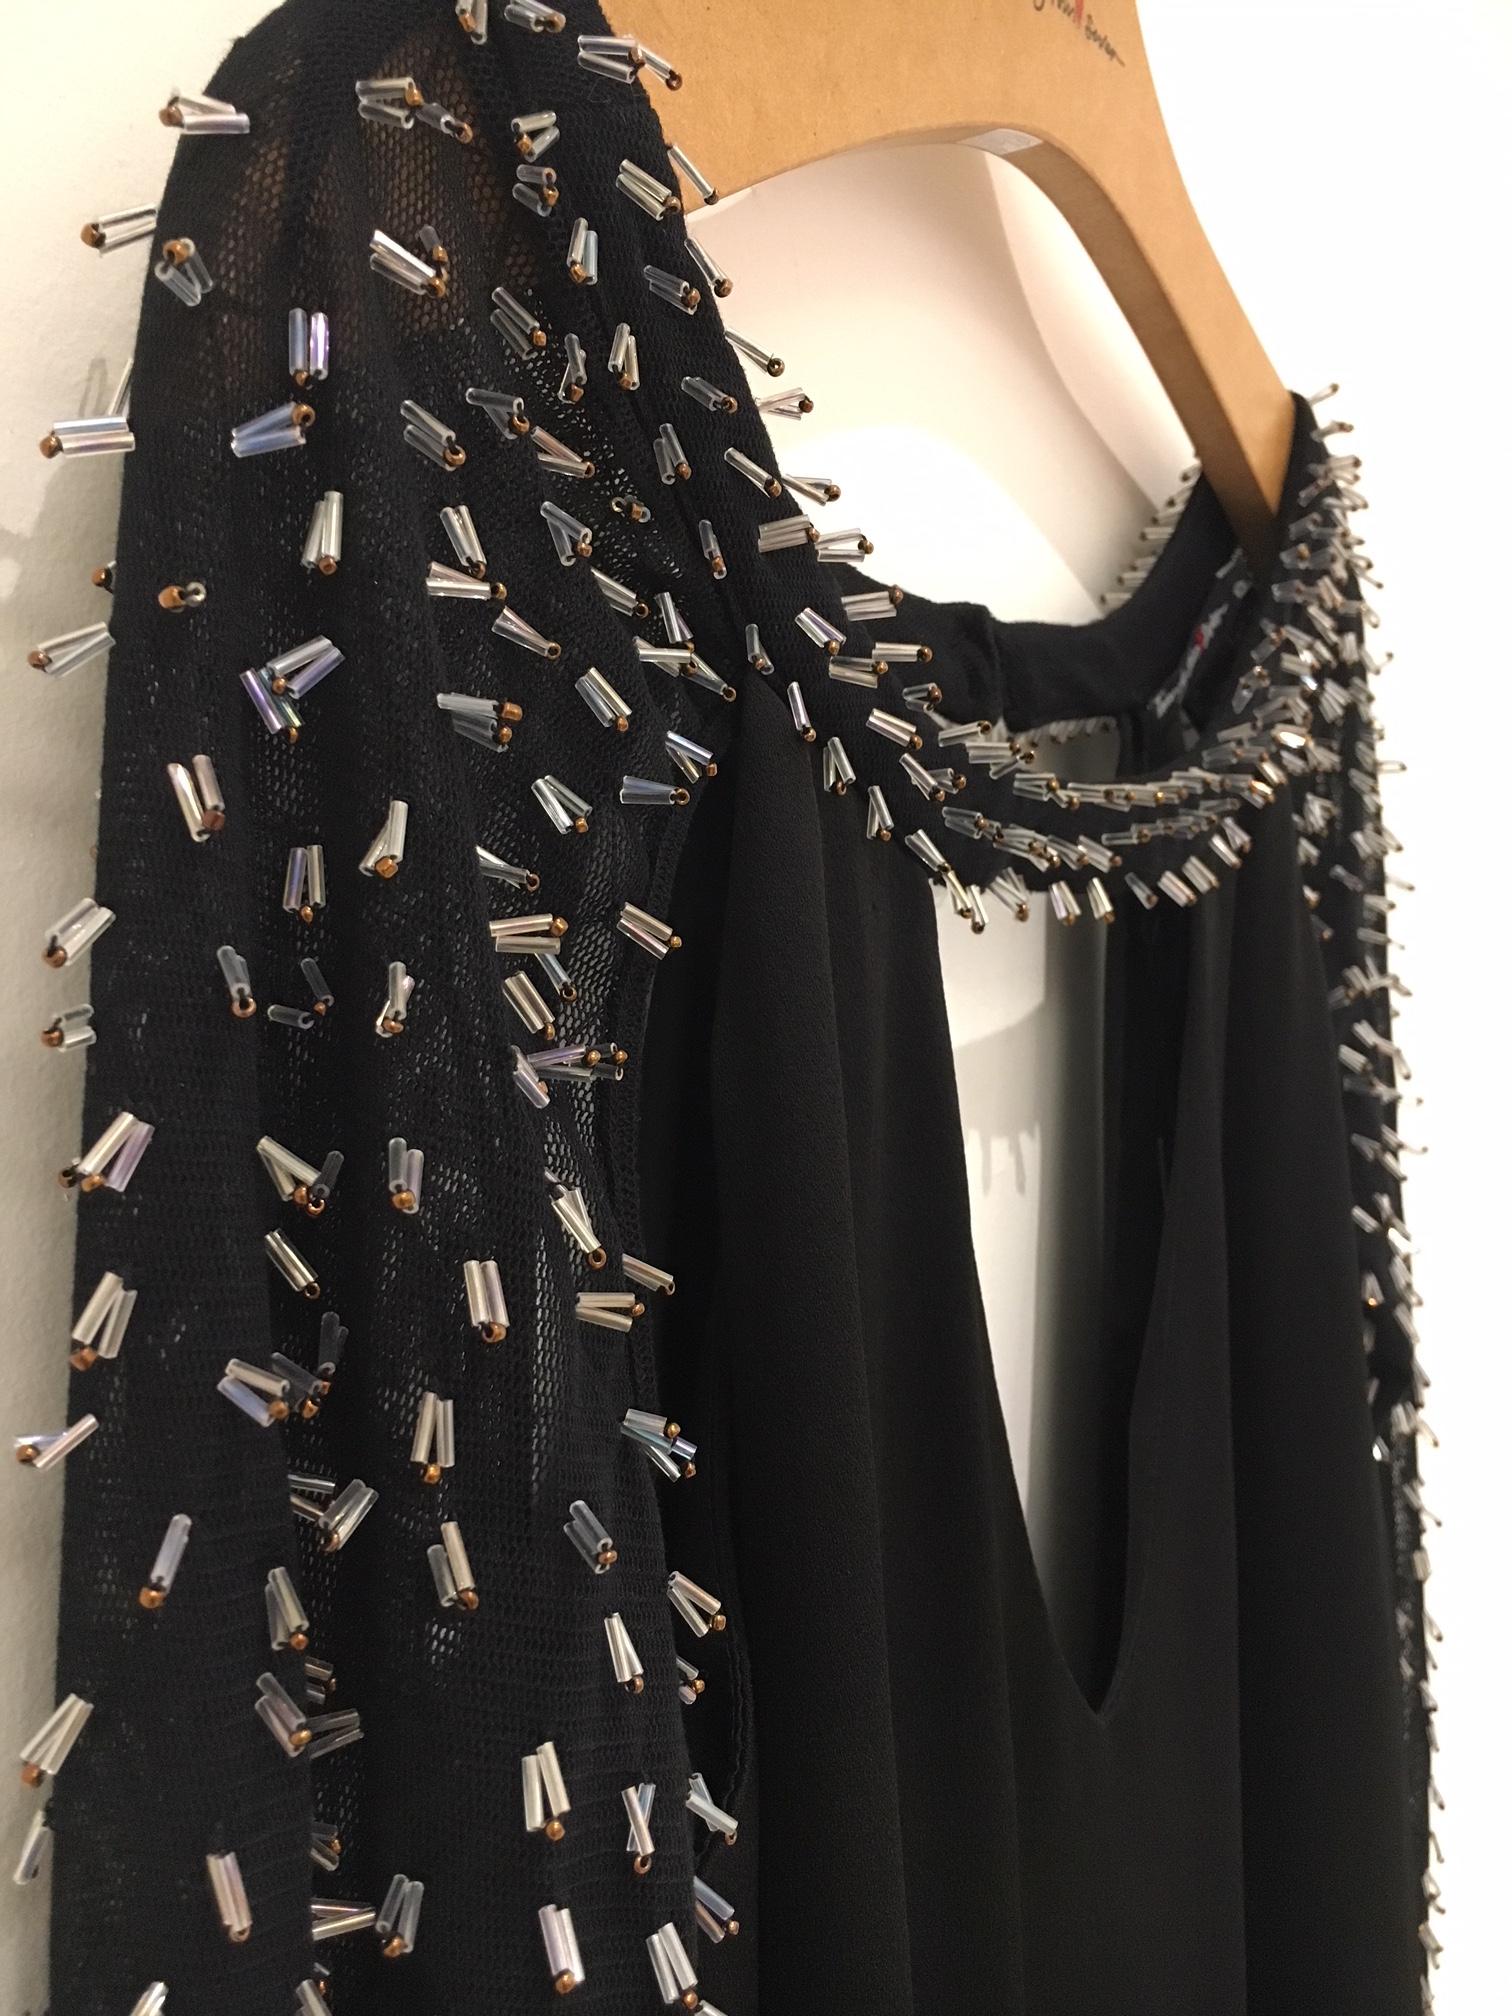 tfs-vestido-preto-detalhe